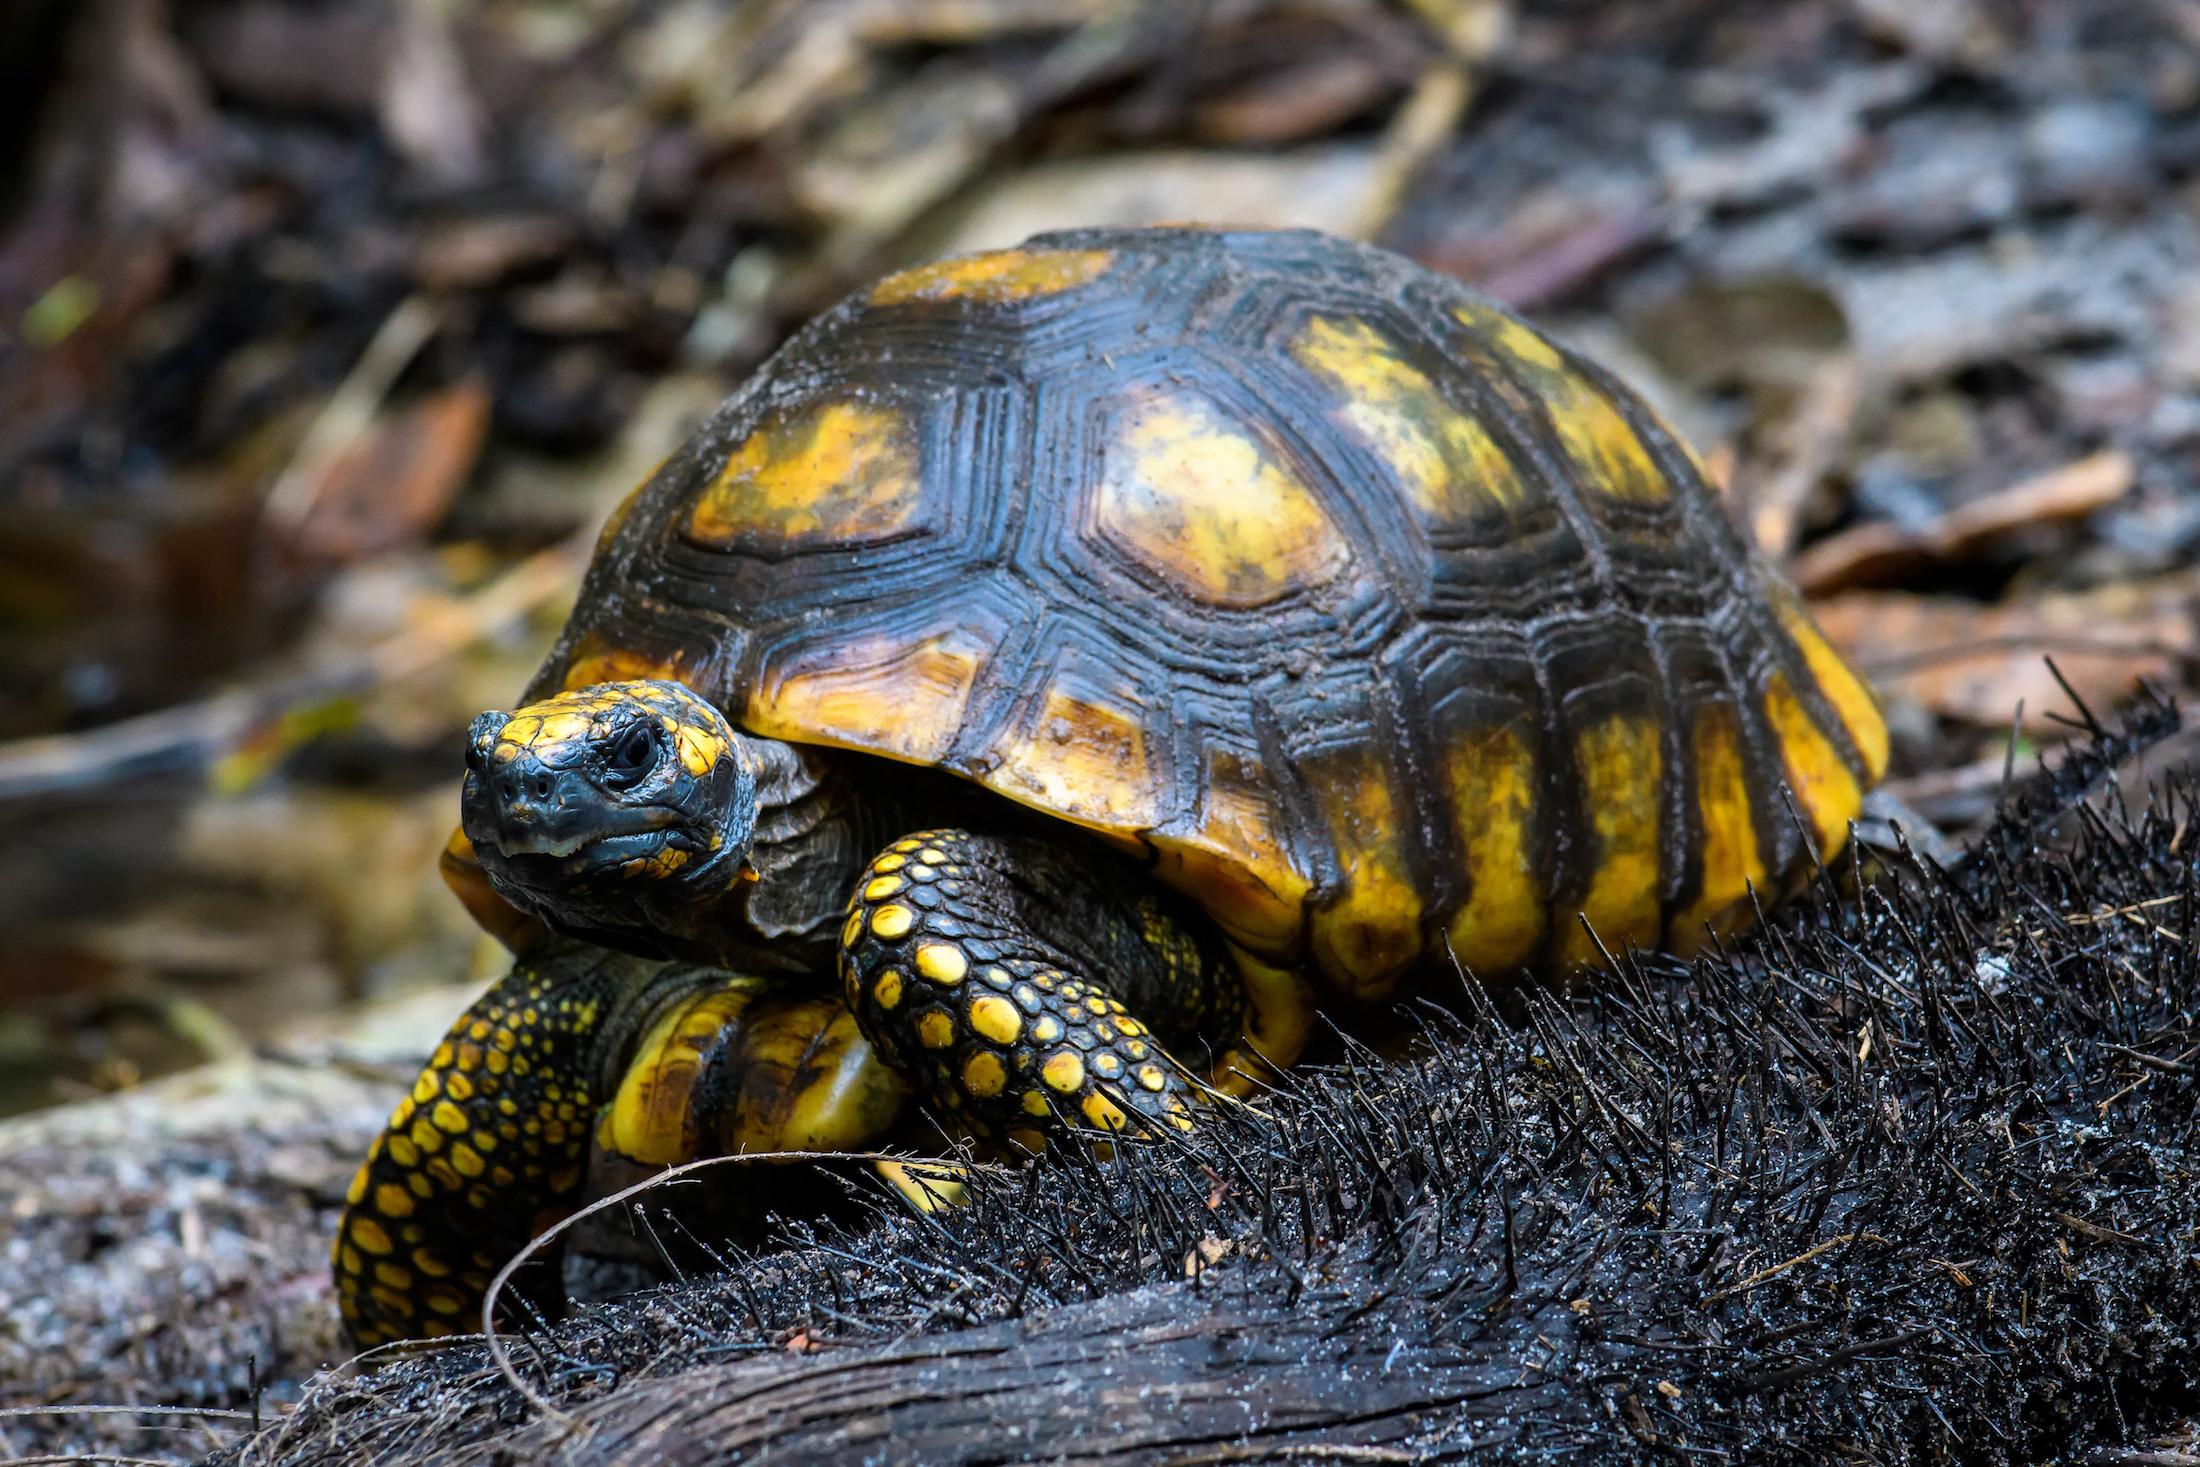 La tortuga terrestre de patas amarillas (Chelonoidis denticulata) es una especie que habita en la Reserva Nacional Pacaya Samiria. Foto: Hugh M. Smith.